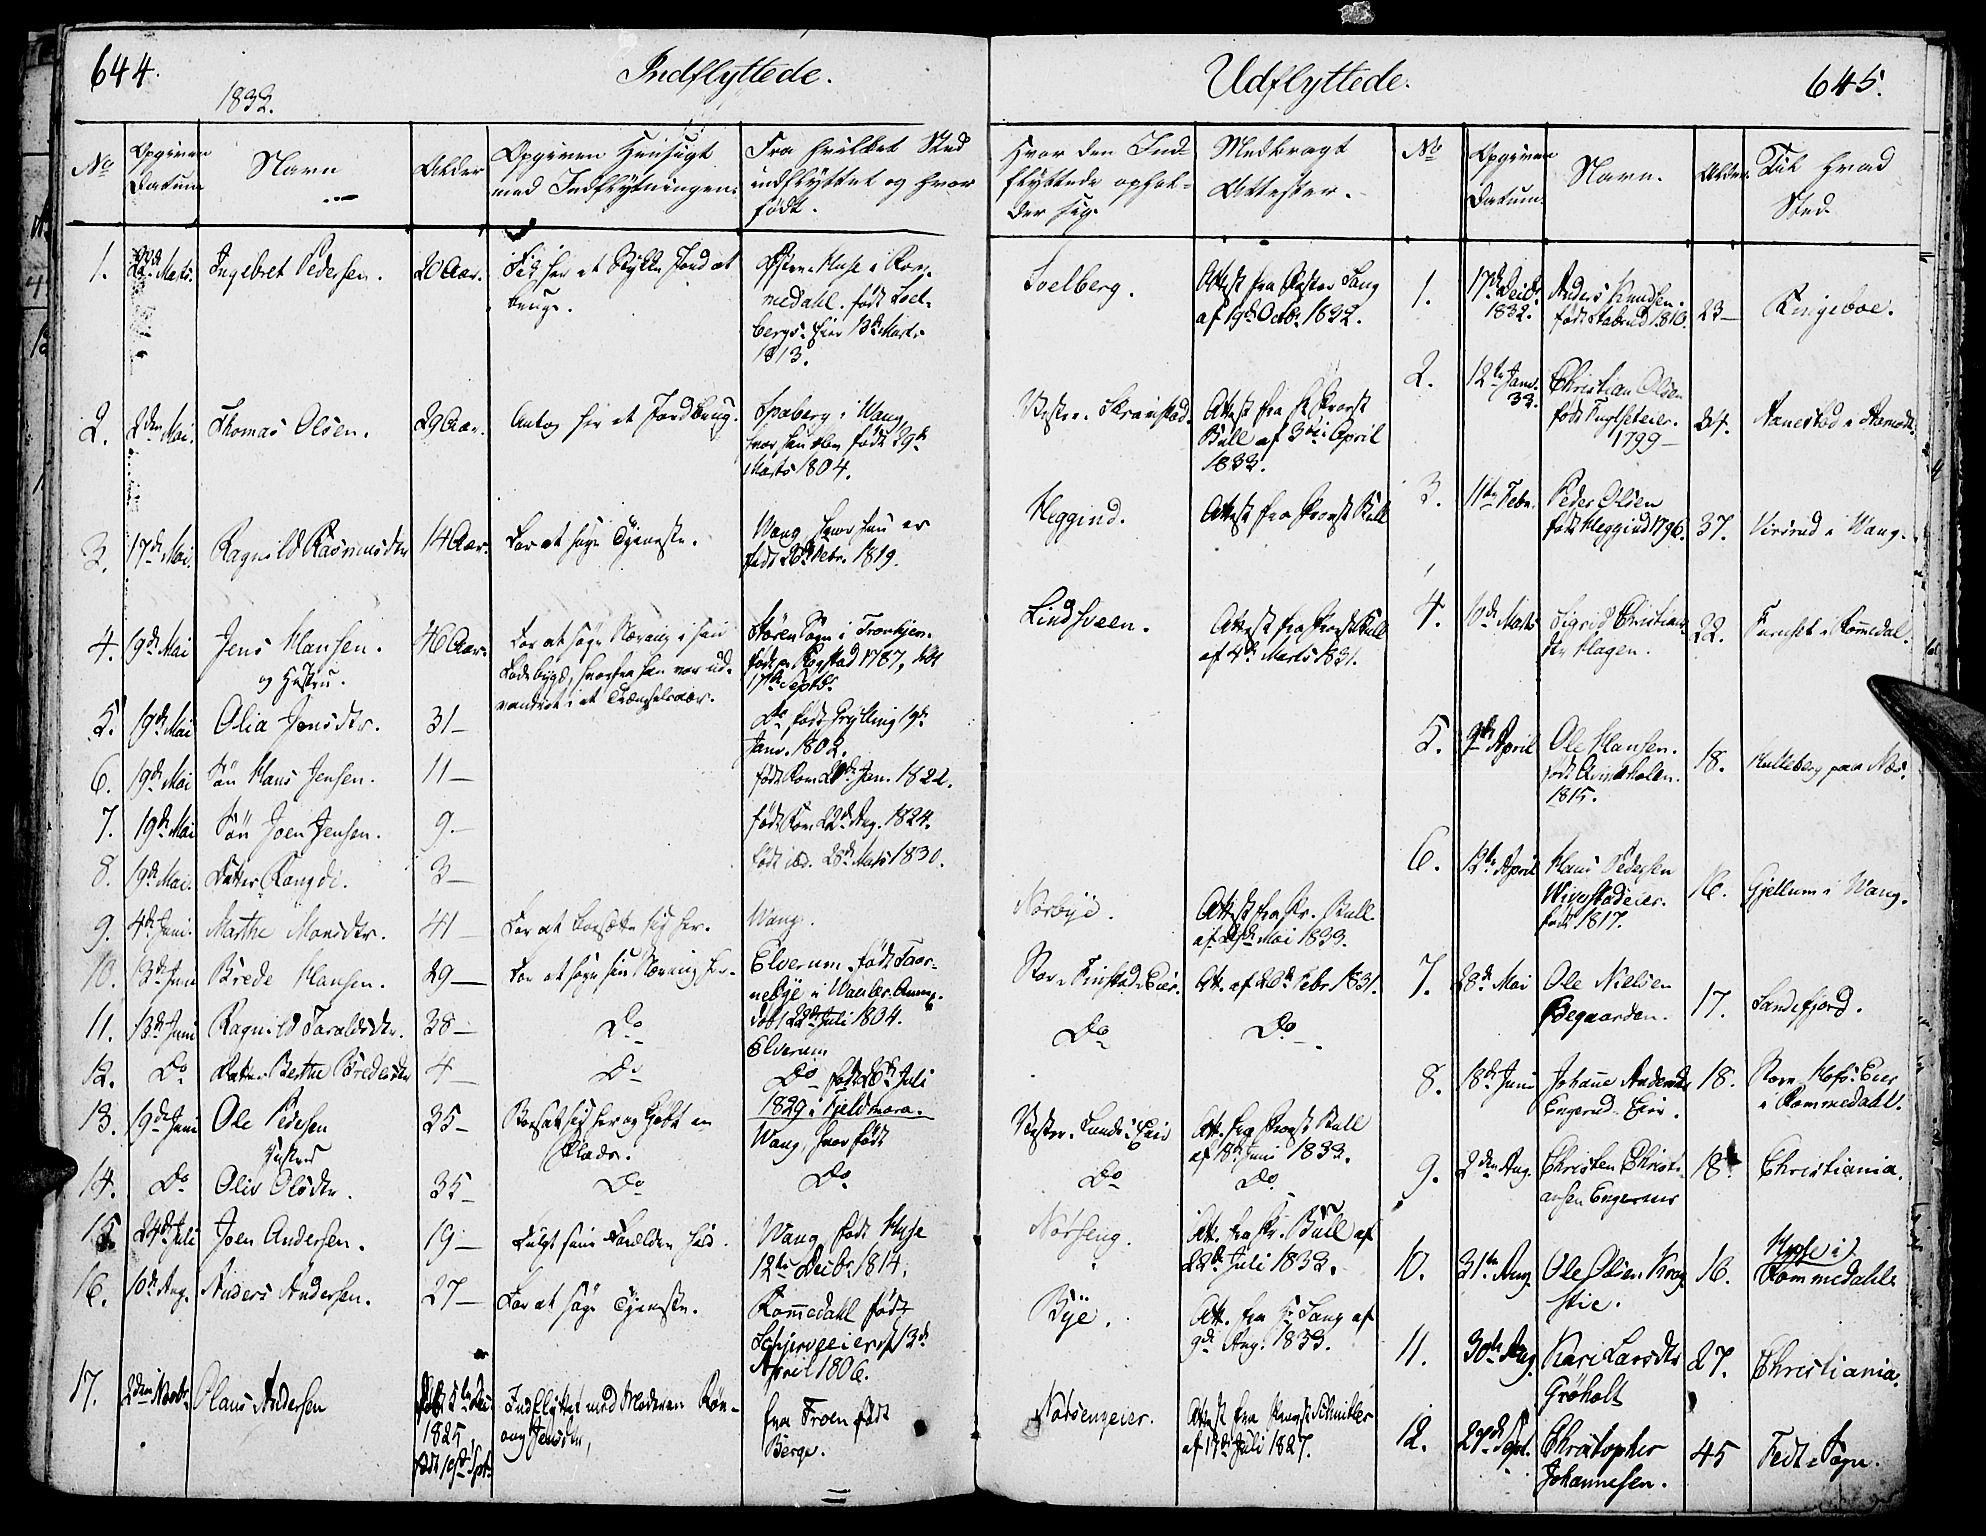 SAH, Løten prestekontor, K/Ka/L0006: Parish register (official) no. 6, 1832-1849, p. 644-645